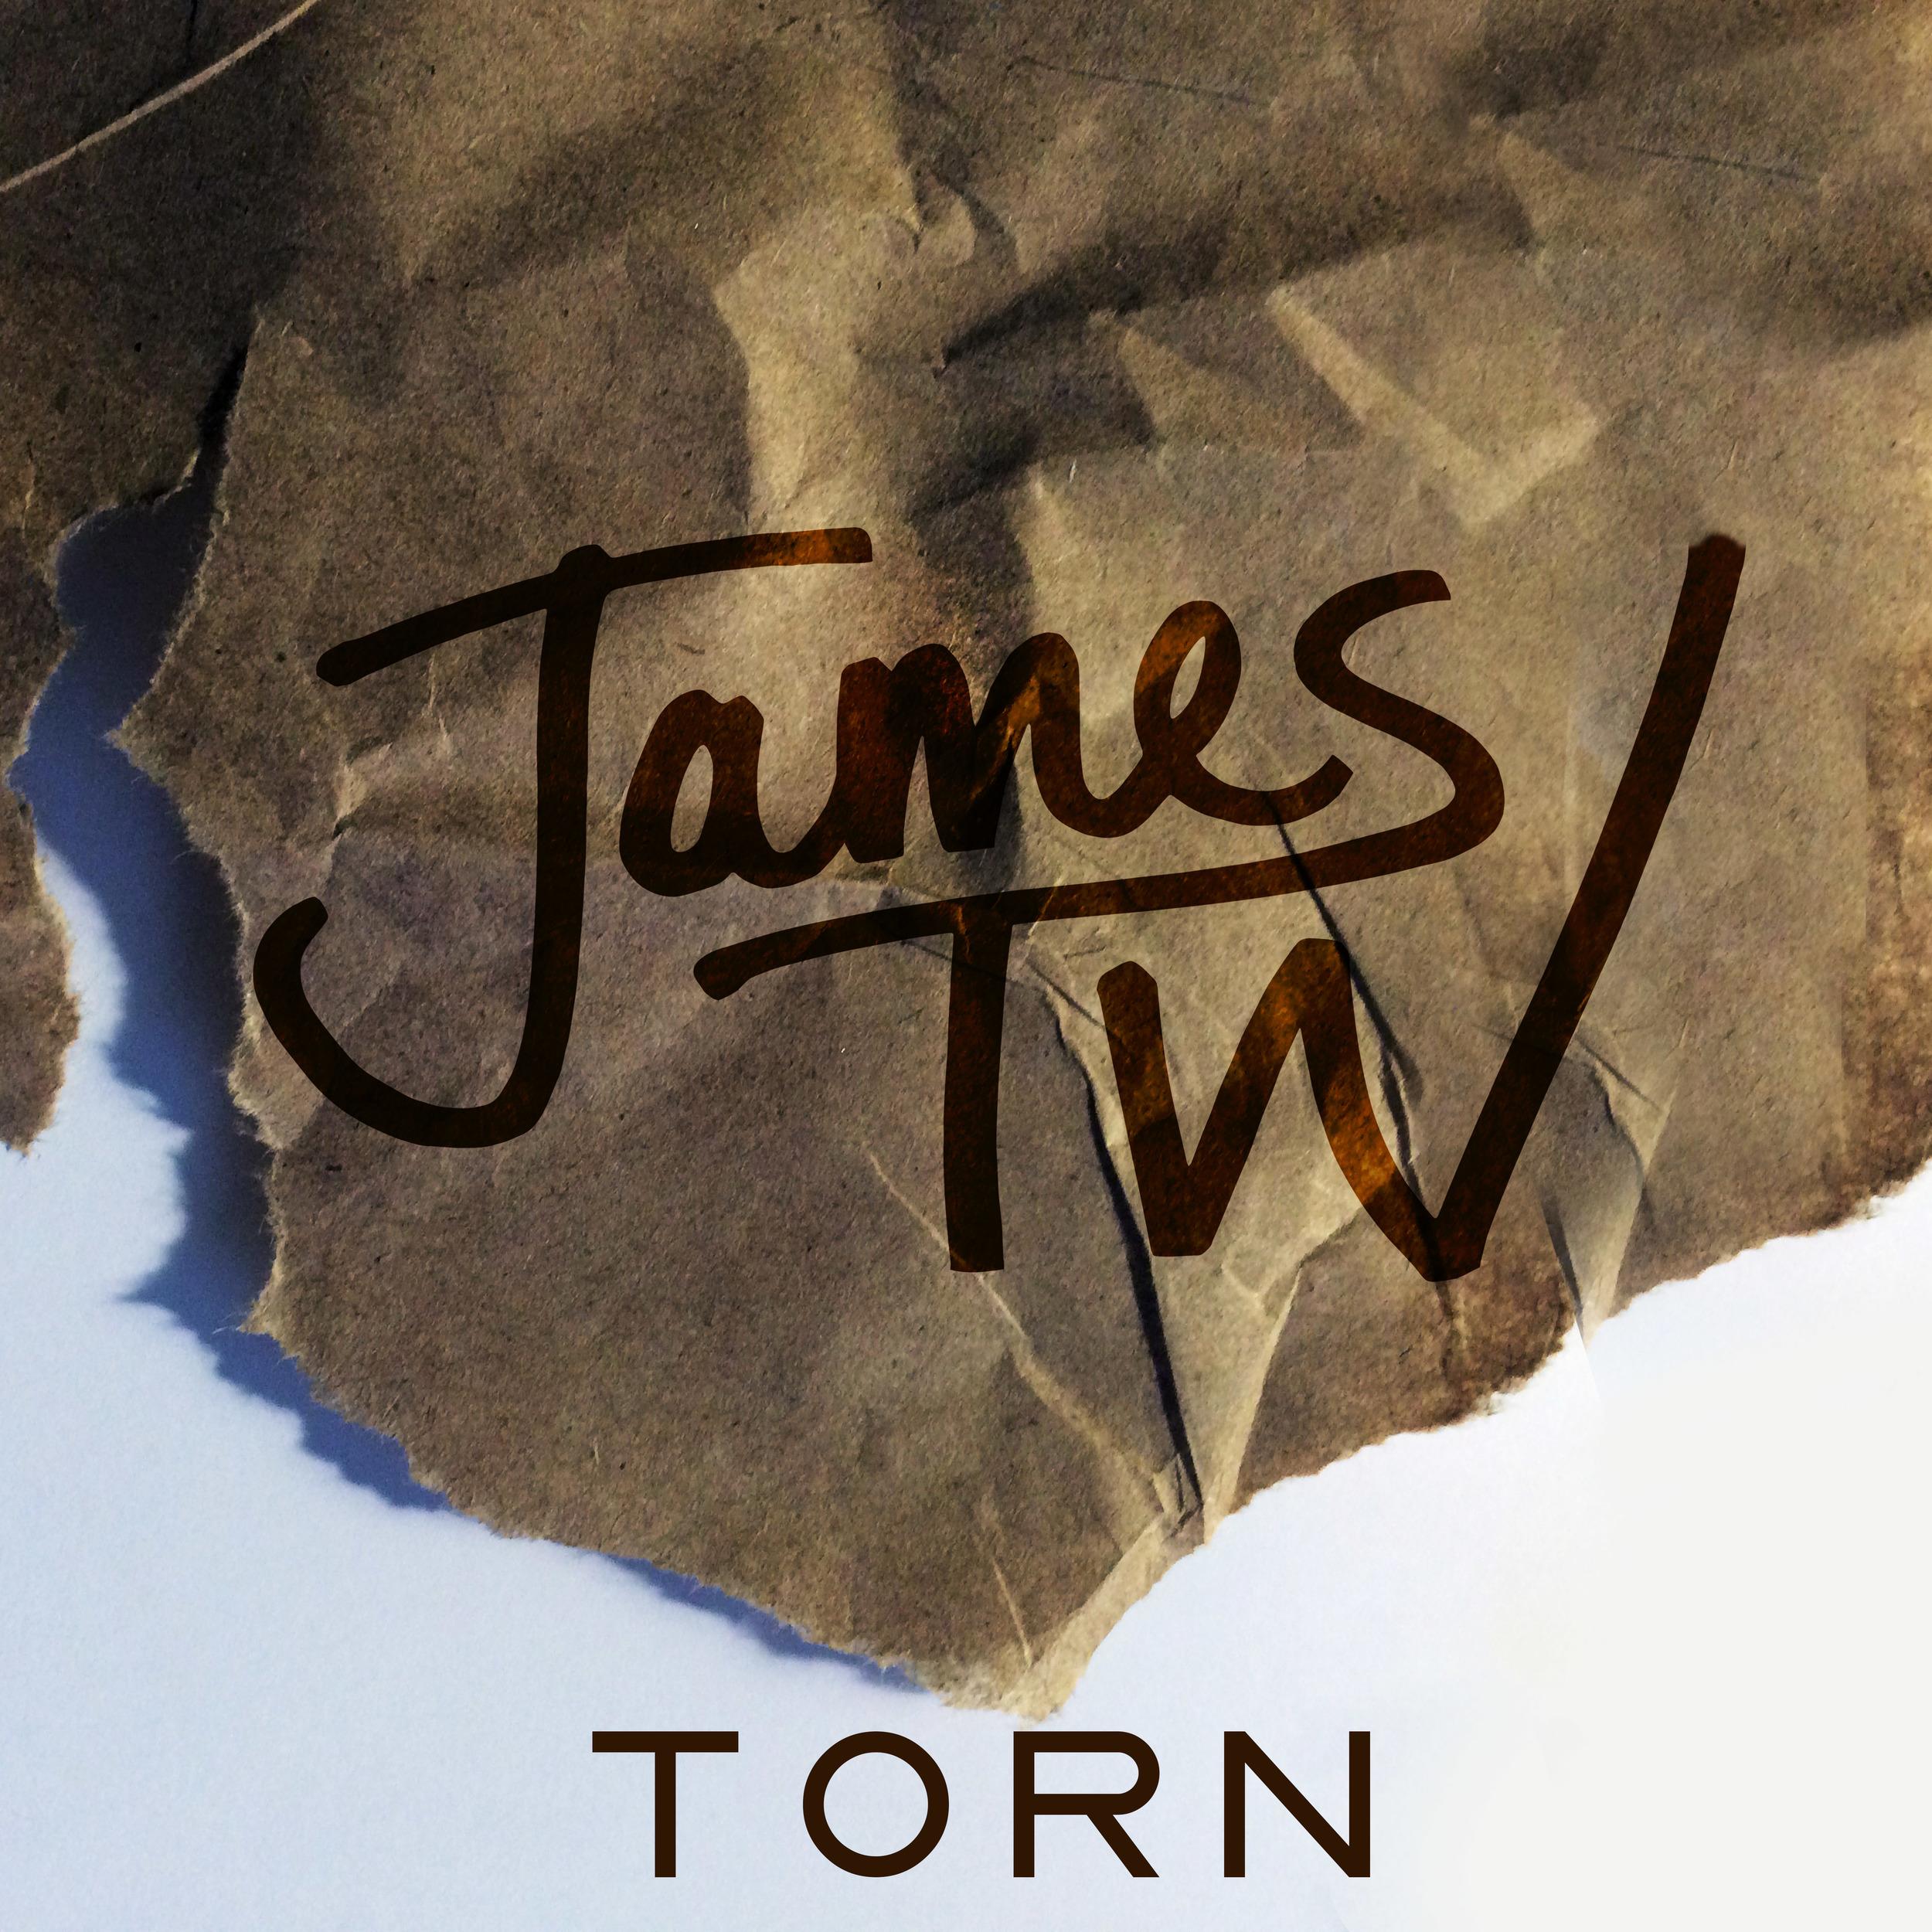 Torn - James TW